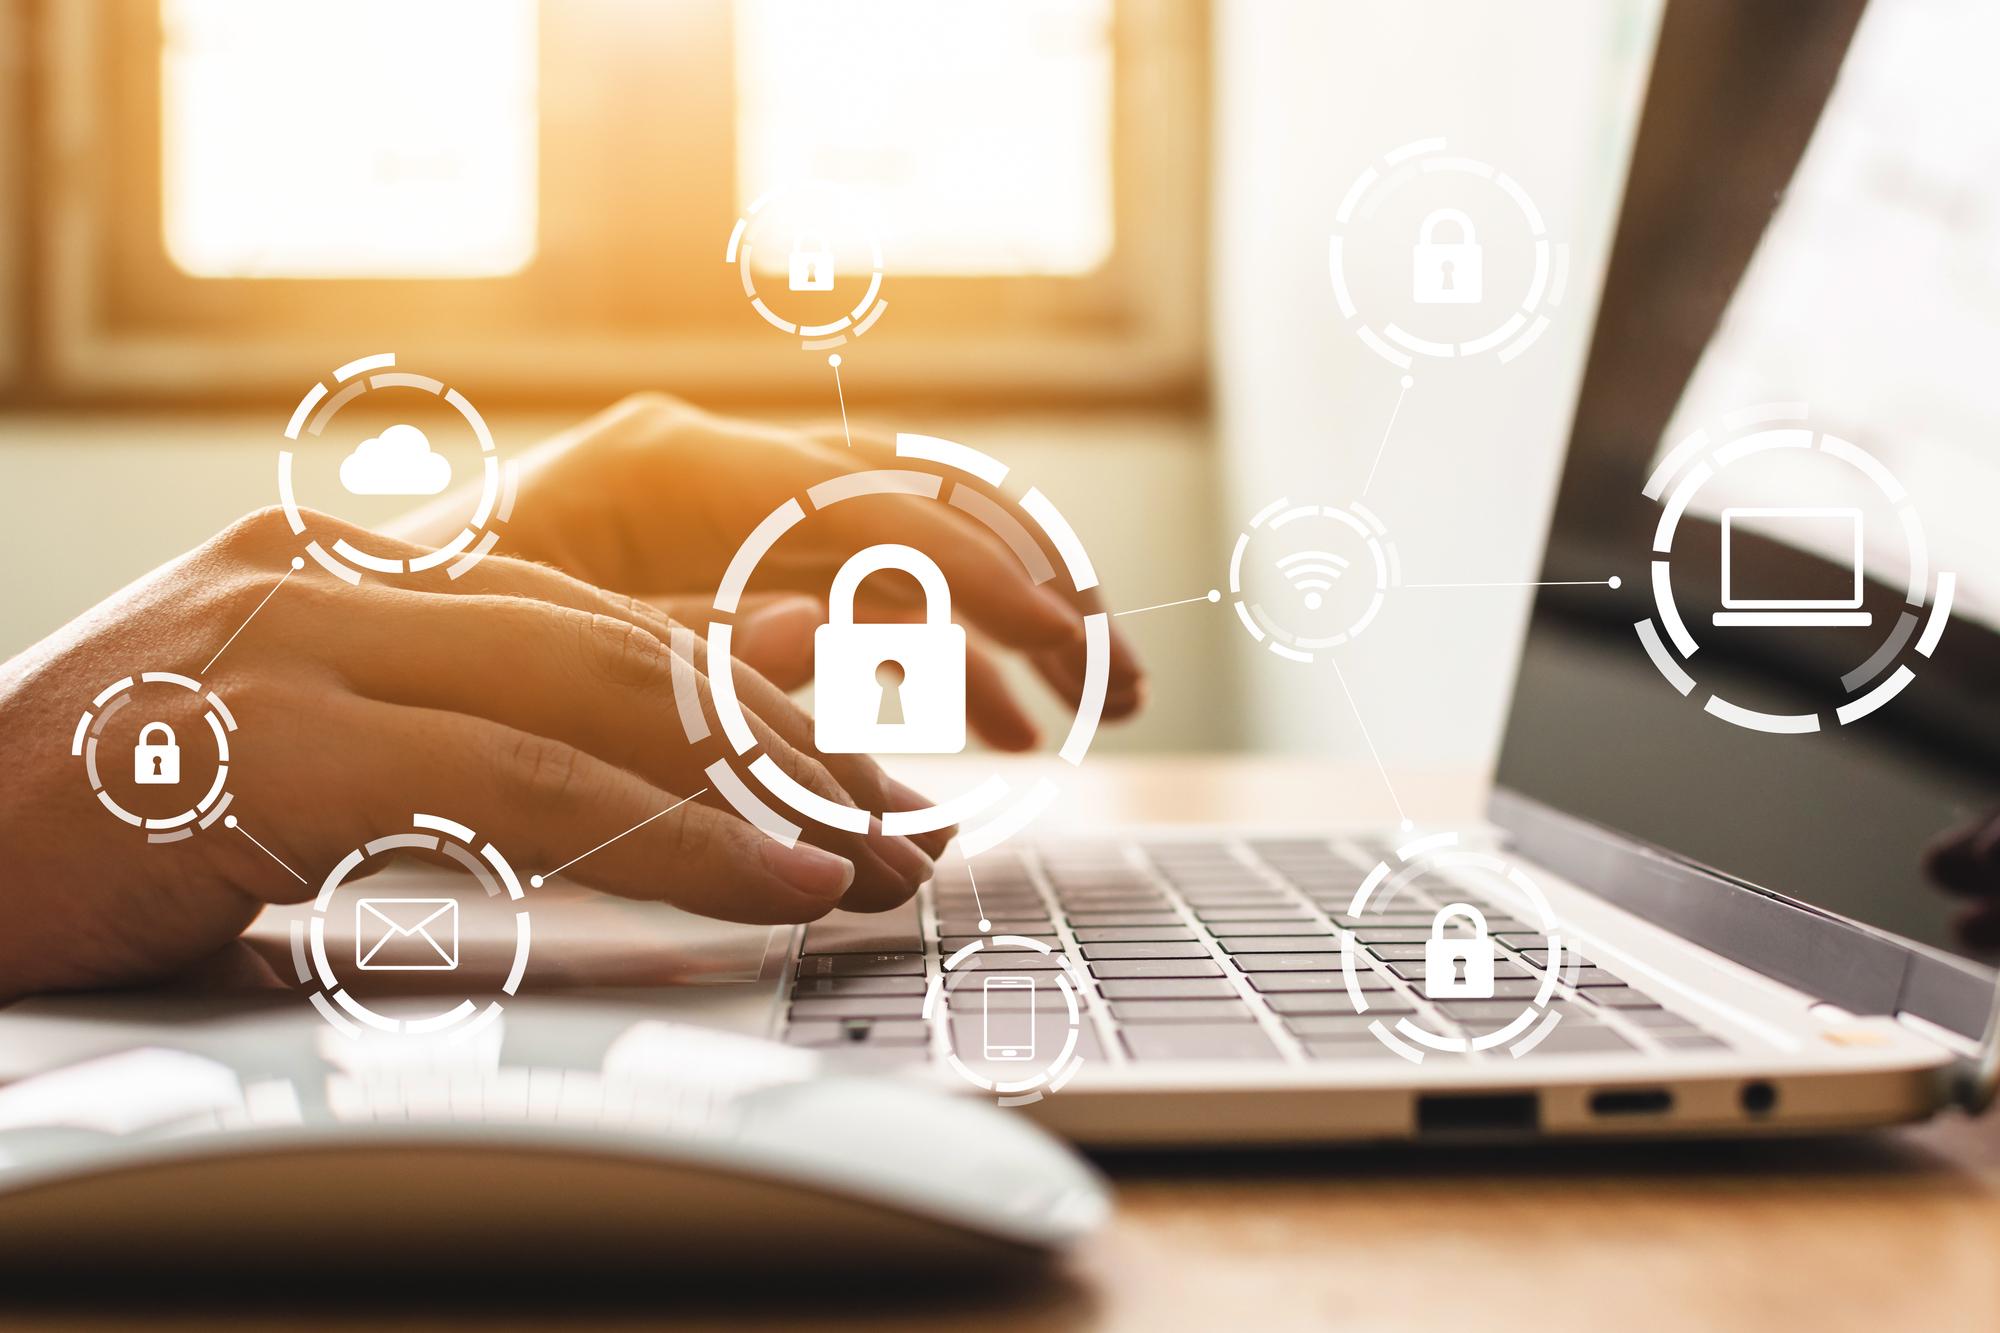 セキュアブラウザとは?メリット・デメリット、テレワークセキュリティを解説